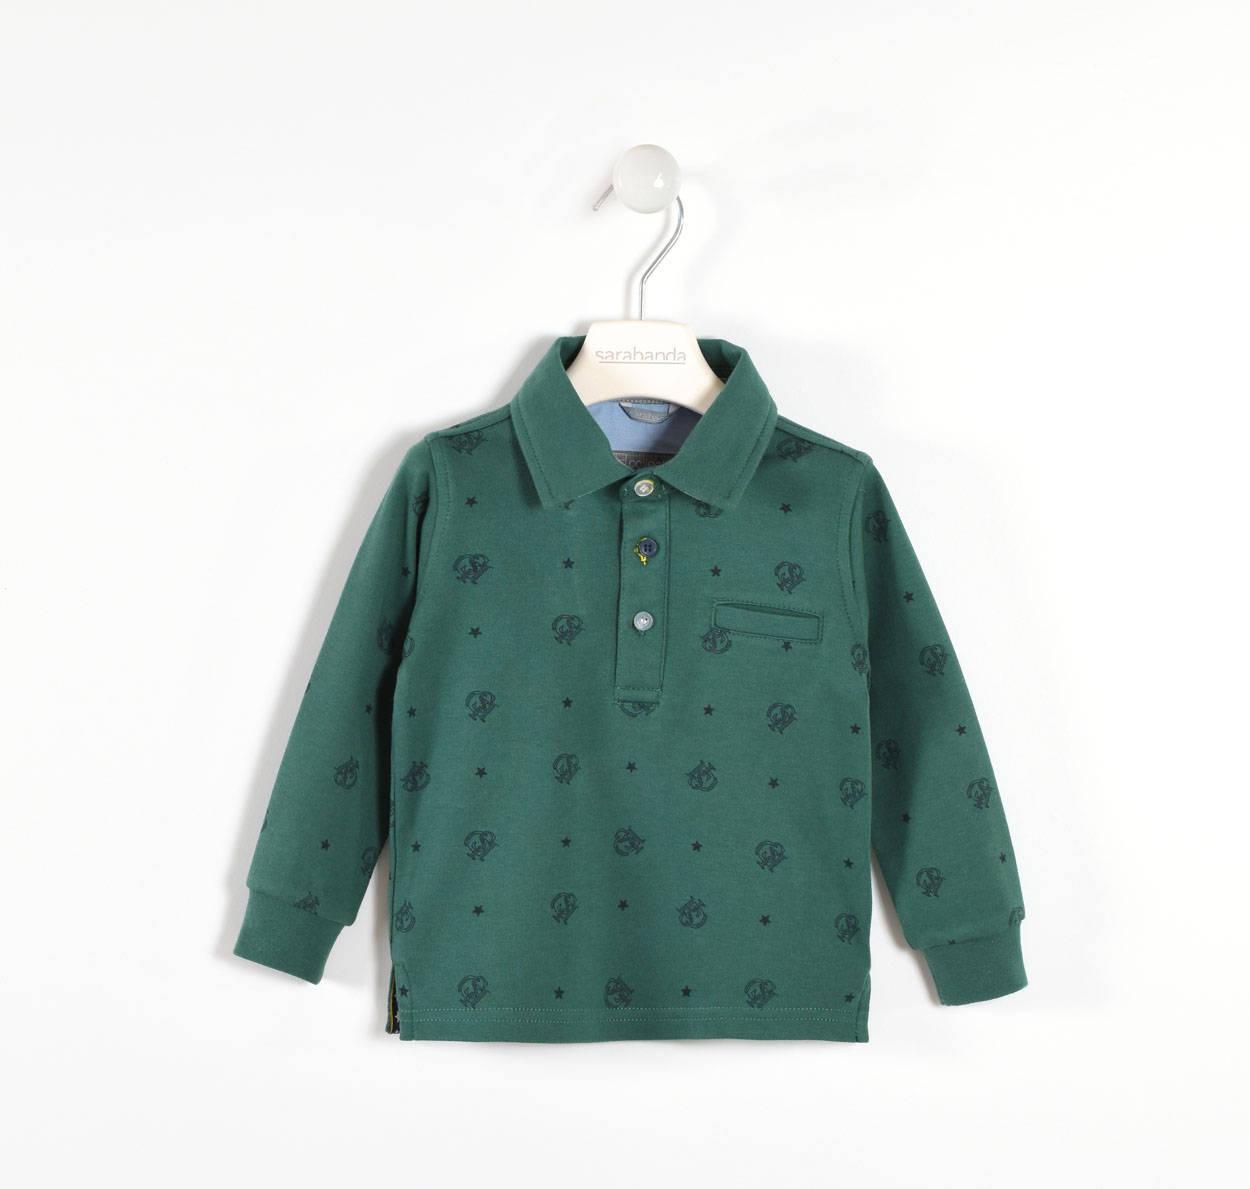 8ee17934e Sarabanda 100% cotton polo shirt with oxford and star grosgrain ...